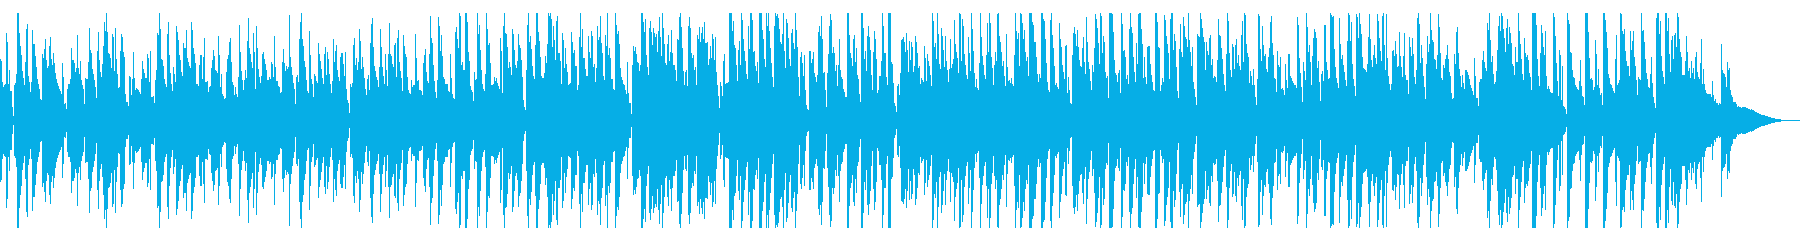 大人の楽しげなjazz風ピアノ2の再生済みの波形